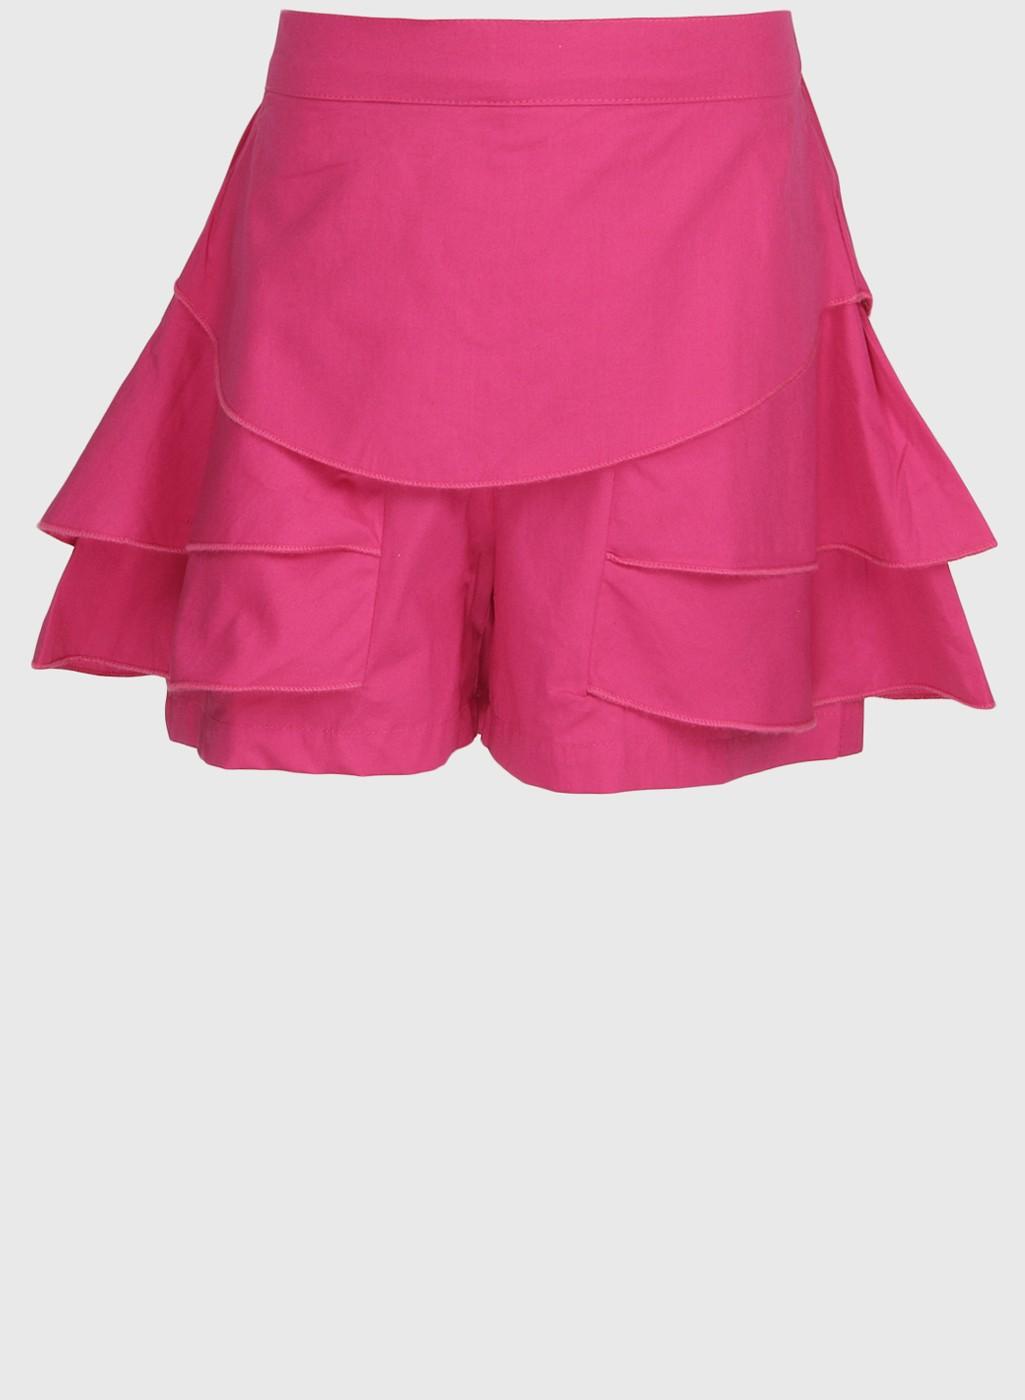 Fuchsia Pink Stylish Regular Fit Short